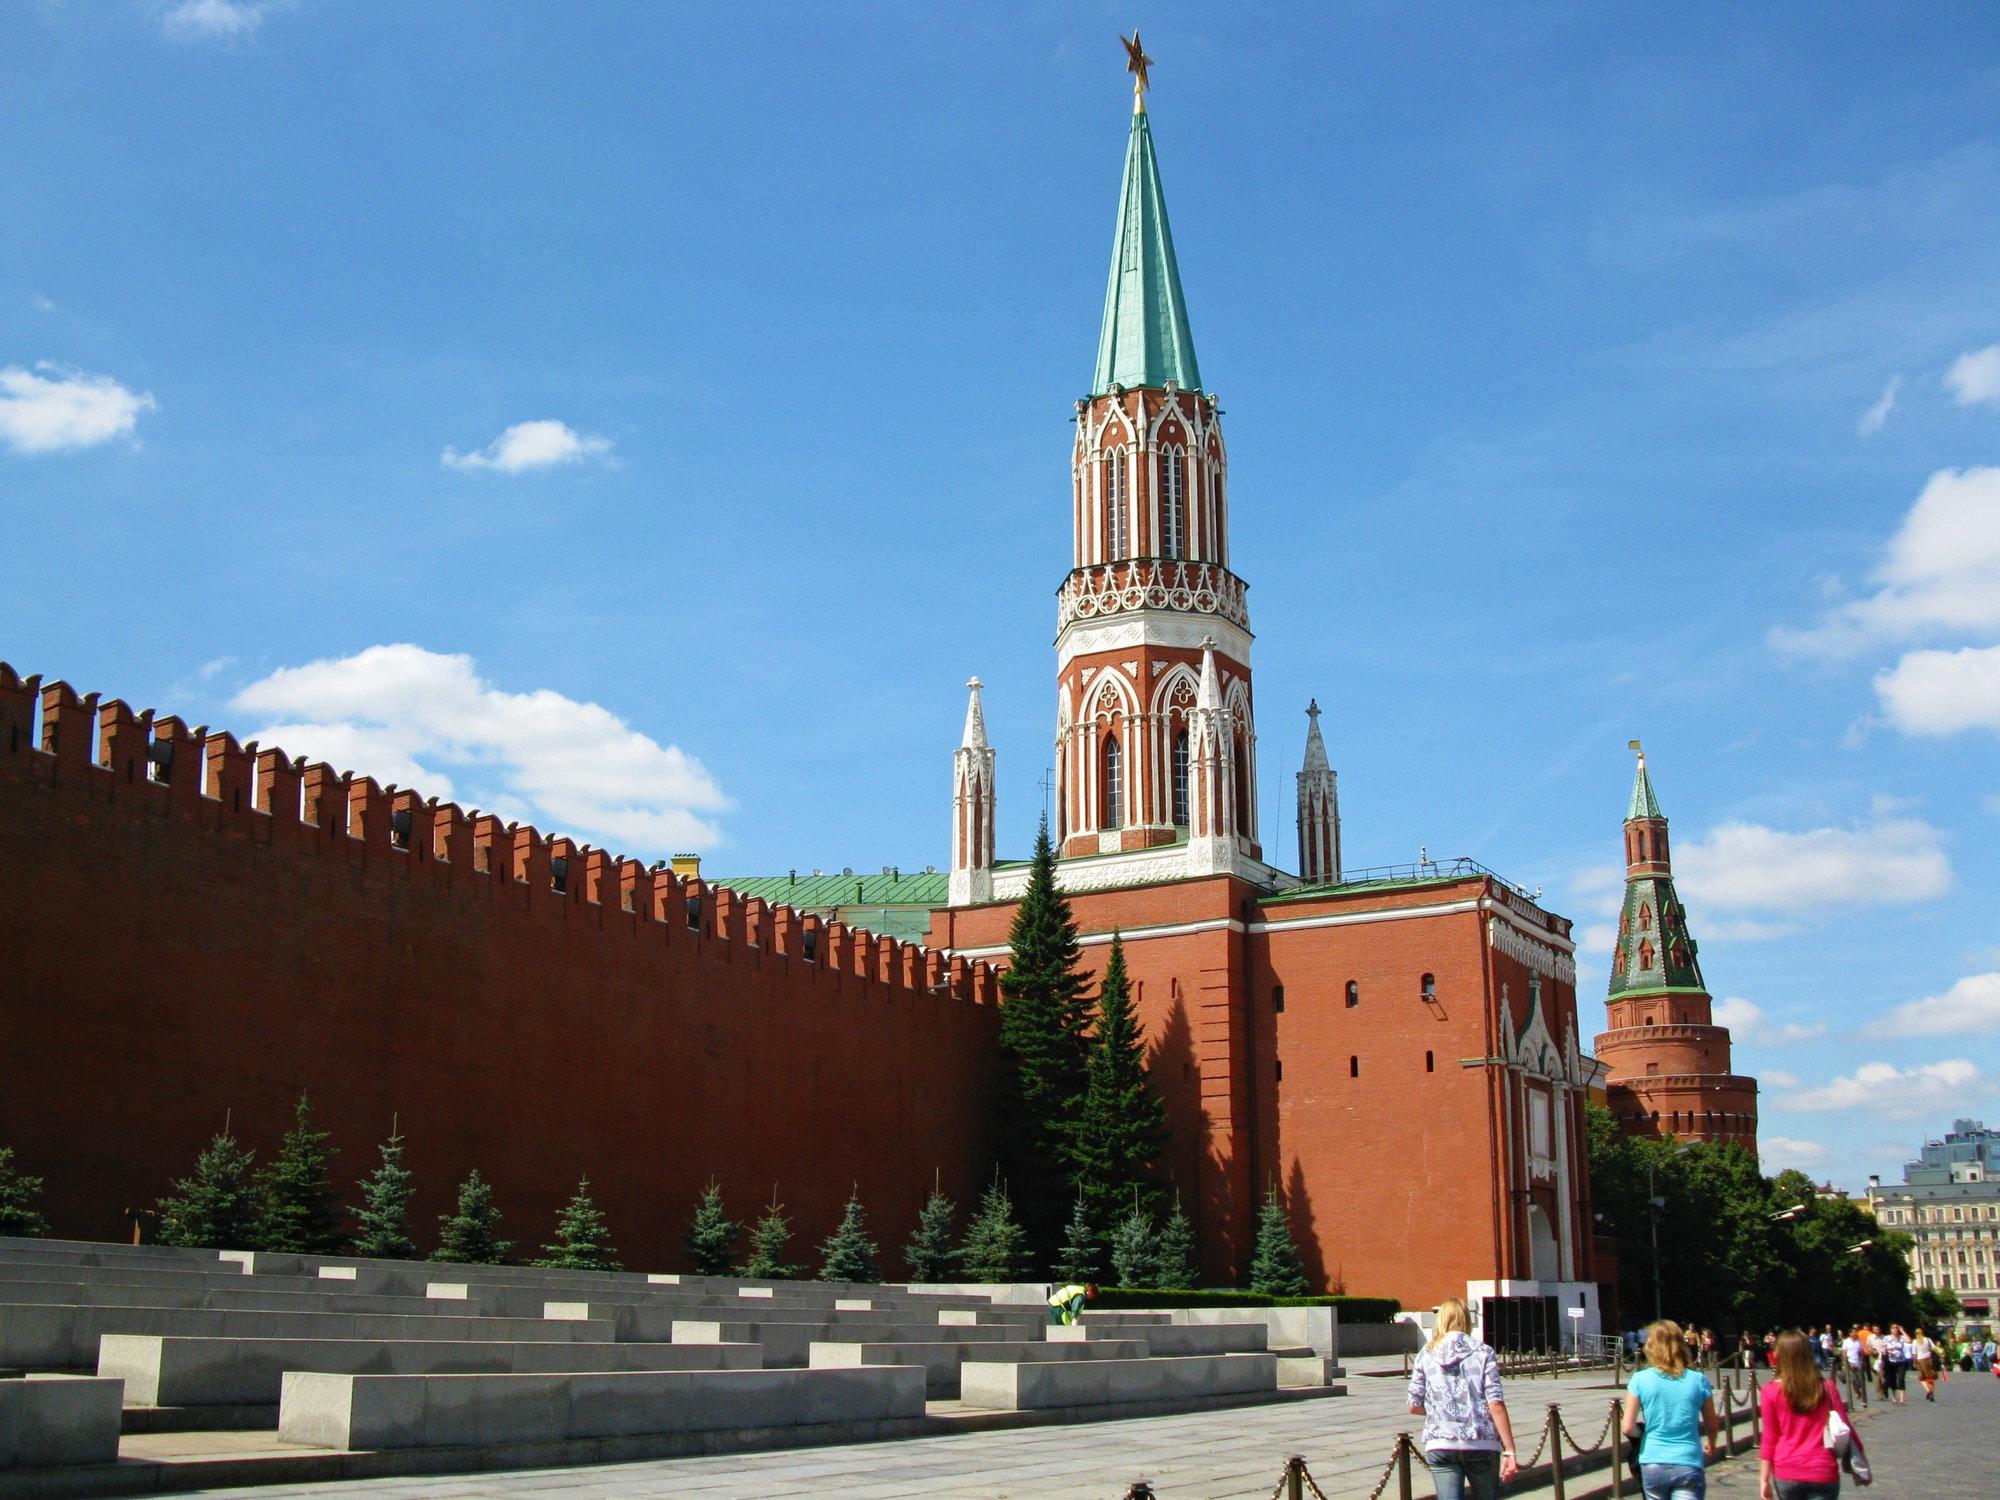 возле кремлевской стени находится кладбище, где похоронена также любовница Ленина Инесса Арманд